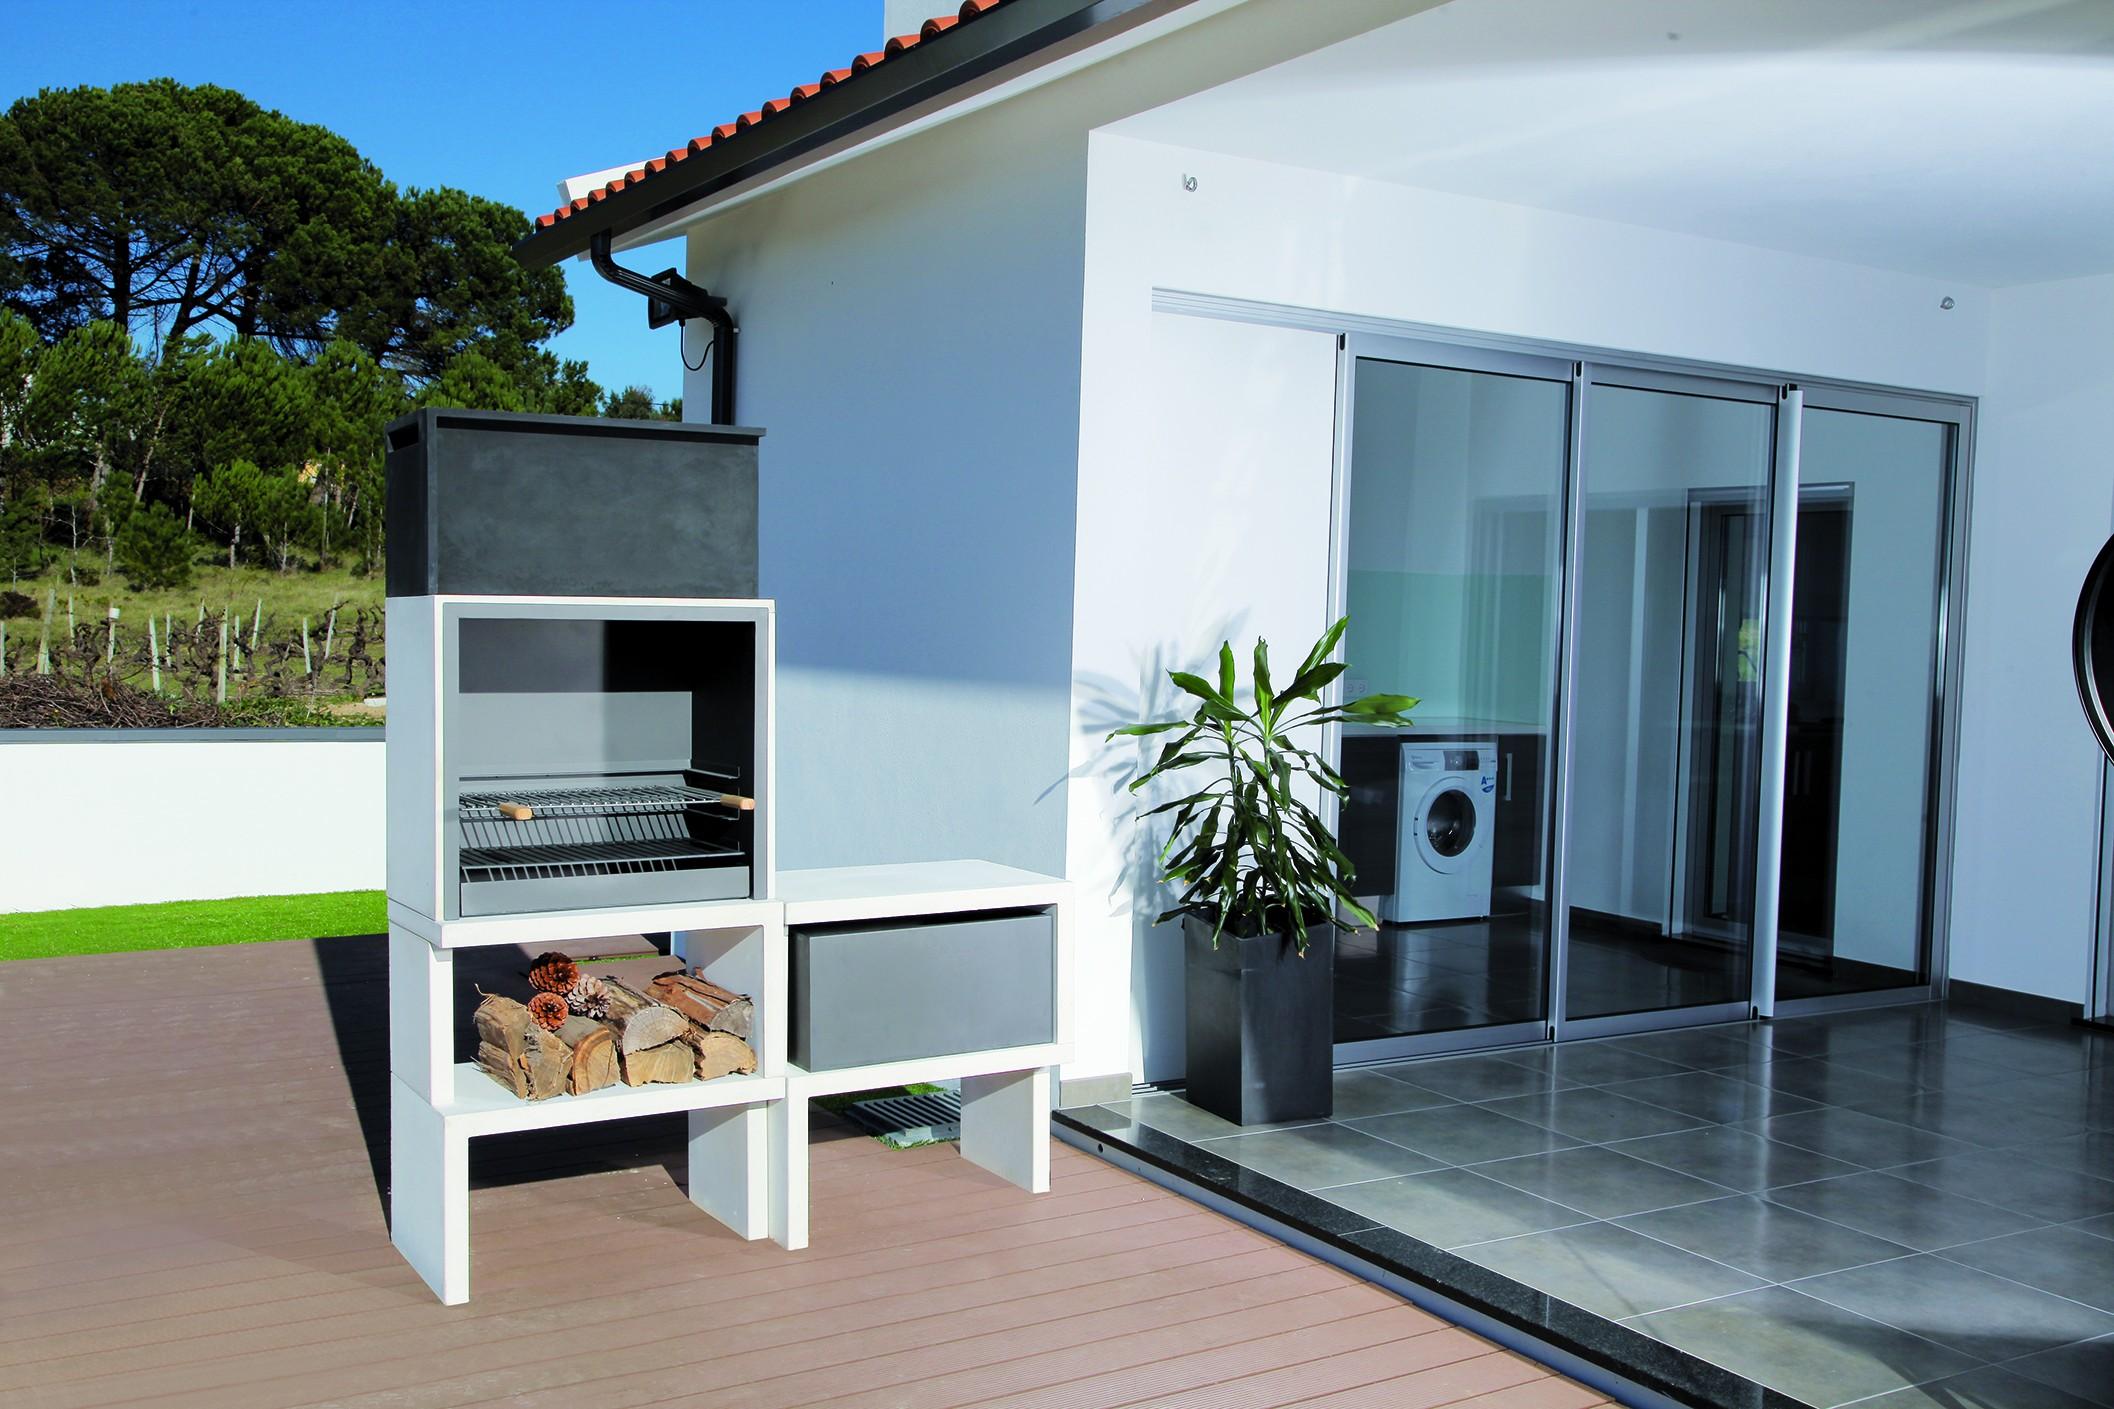 LIV 03 Barbecue Design En Bton